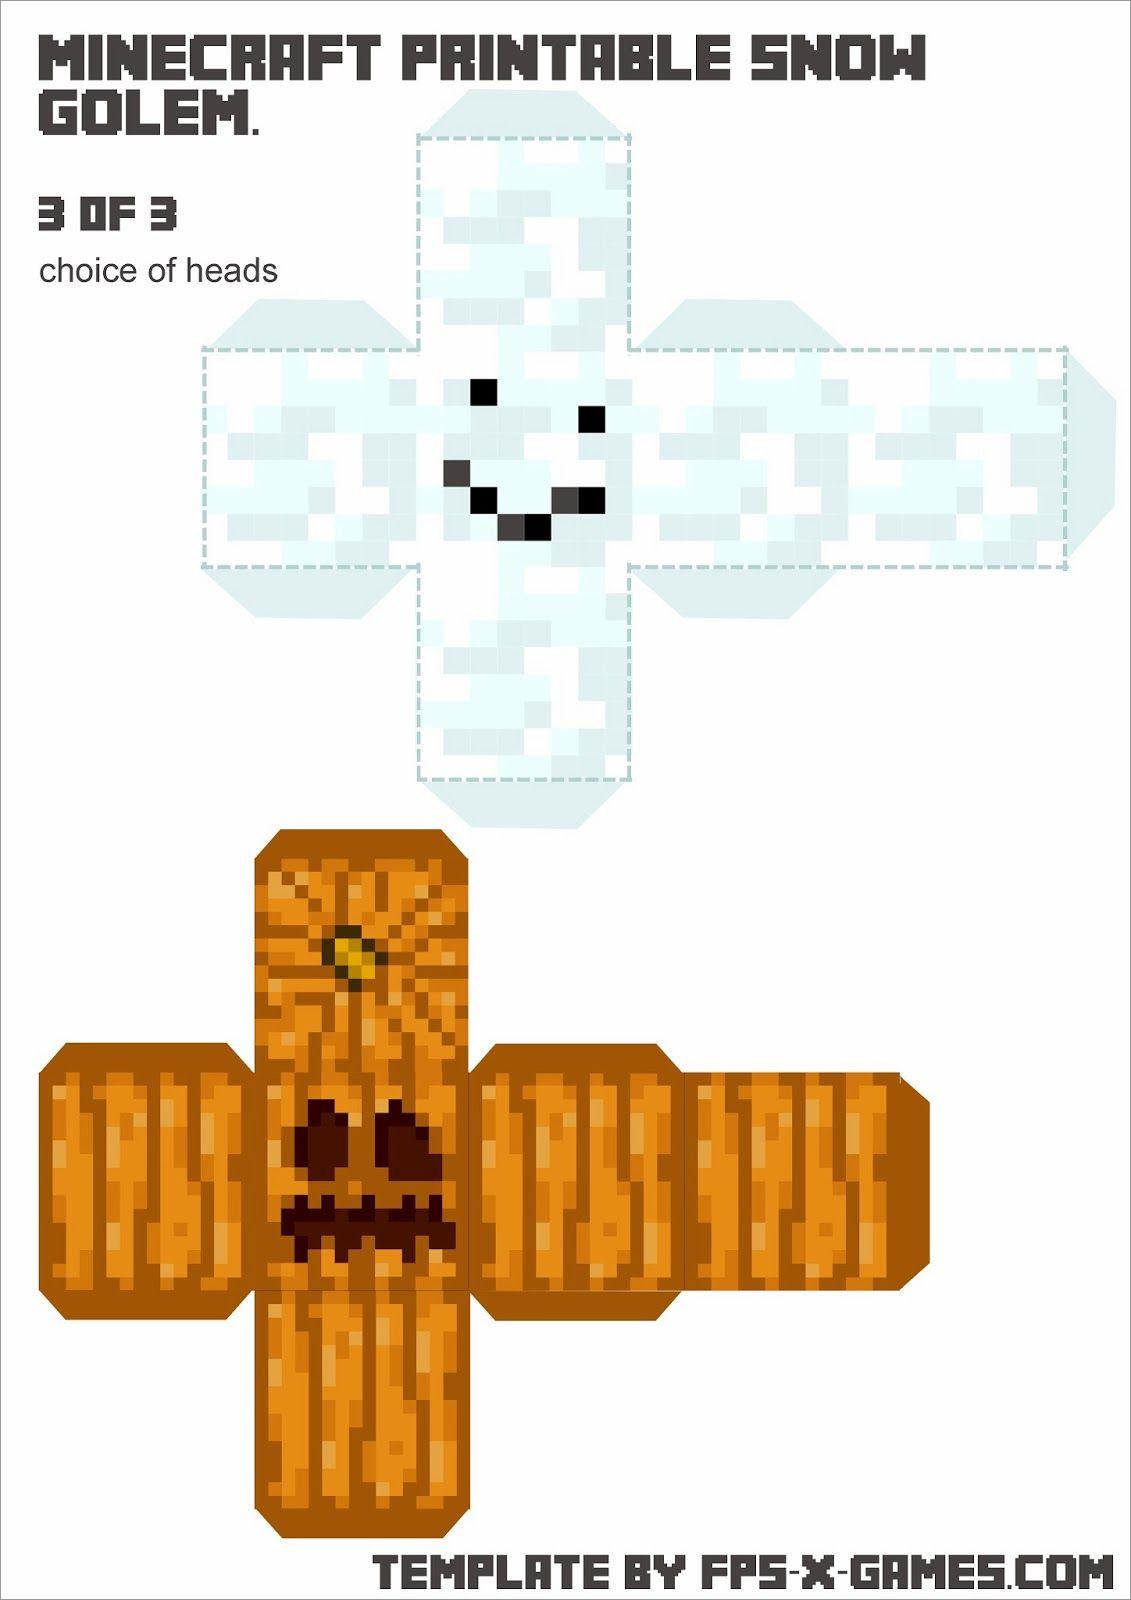 Papercraft Minecraft Skins Minecraft Printable Snow Golem Papercraft